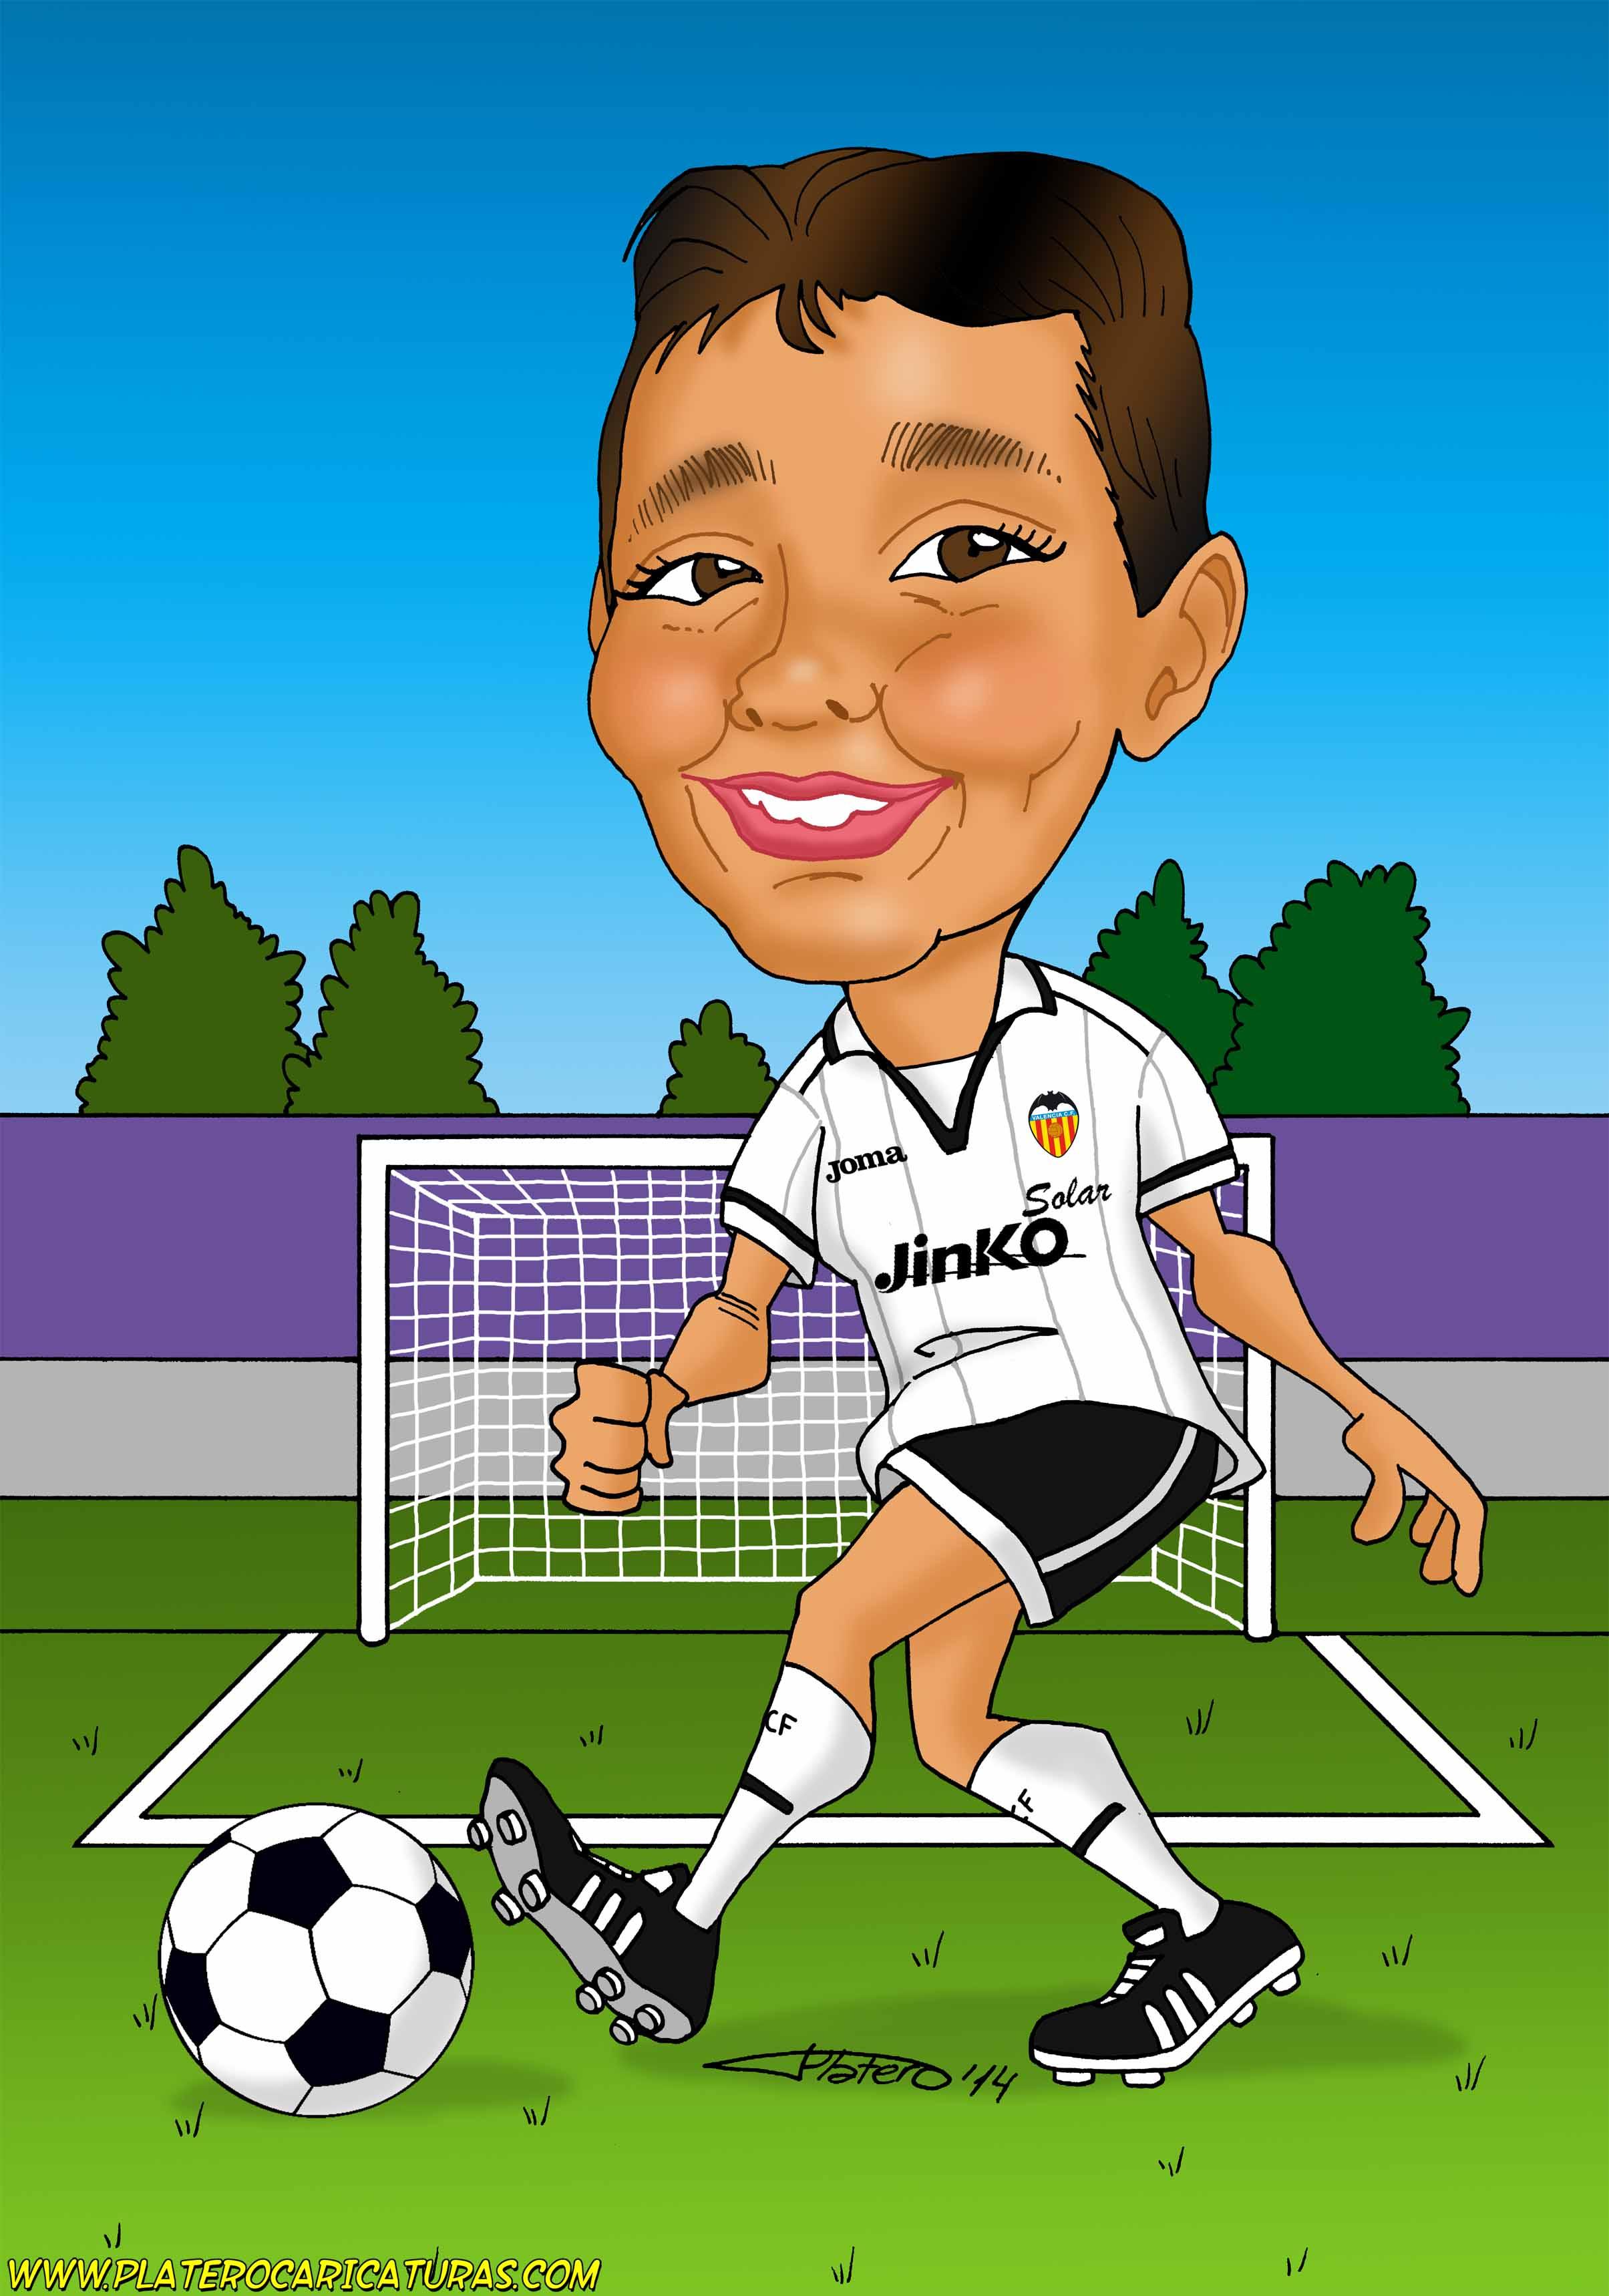 caricaturas a color por encargo personalizadas-chico futbolista Valencia-platero